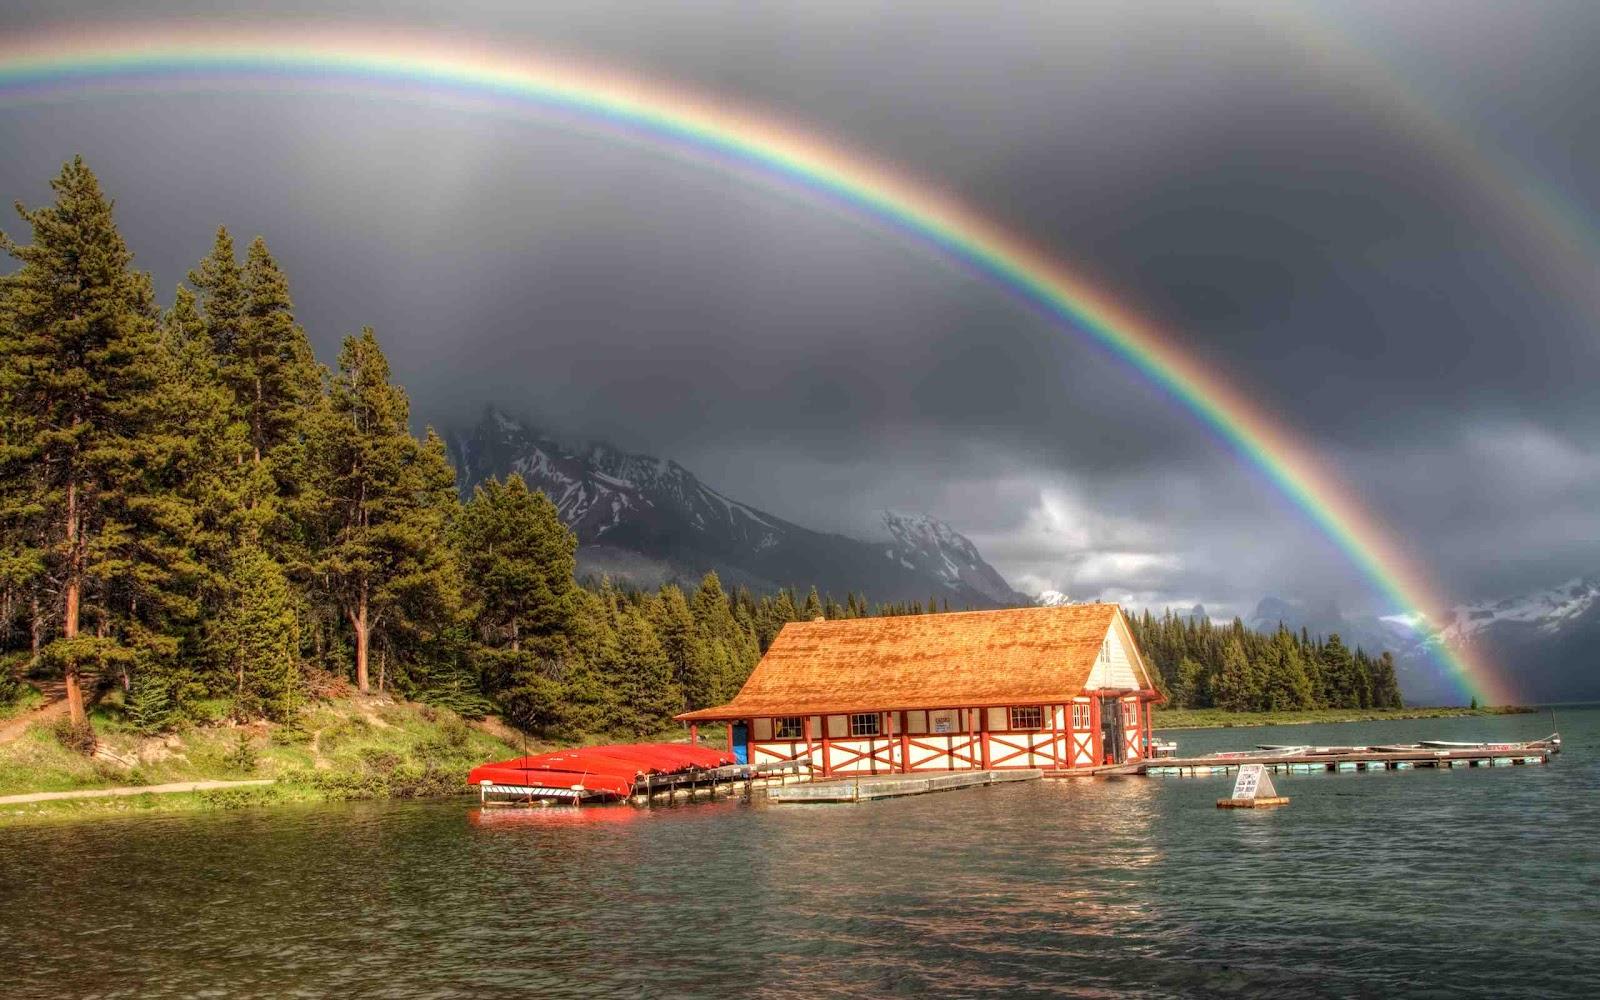 spesso ALASSIOFUTURA: Mondo a colori e panorami mozzafiato HJ42